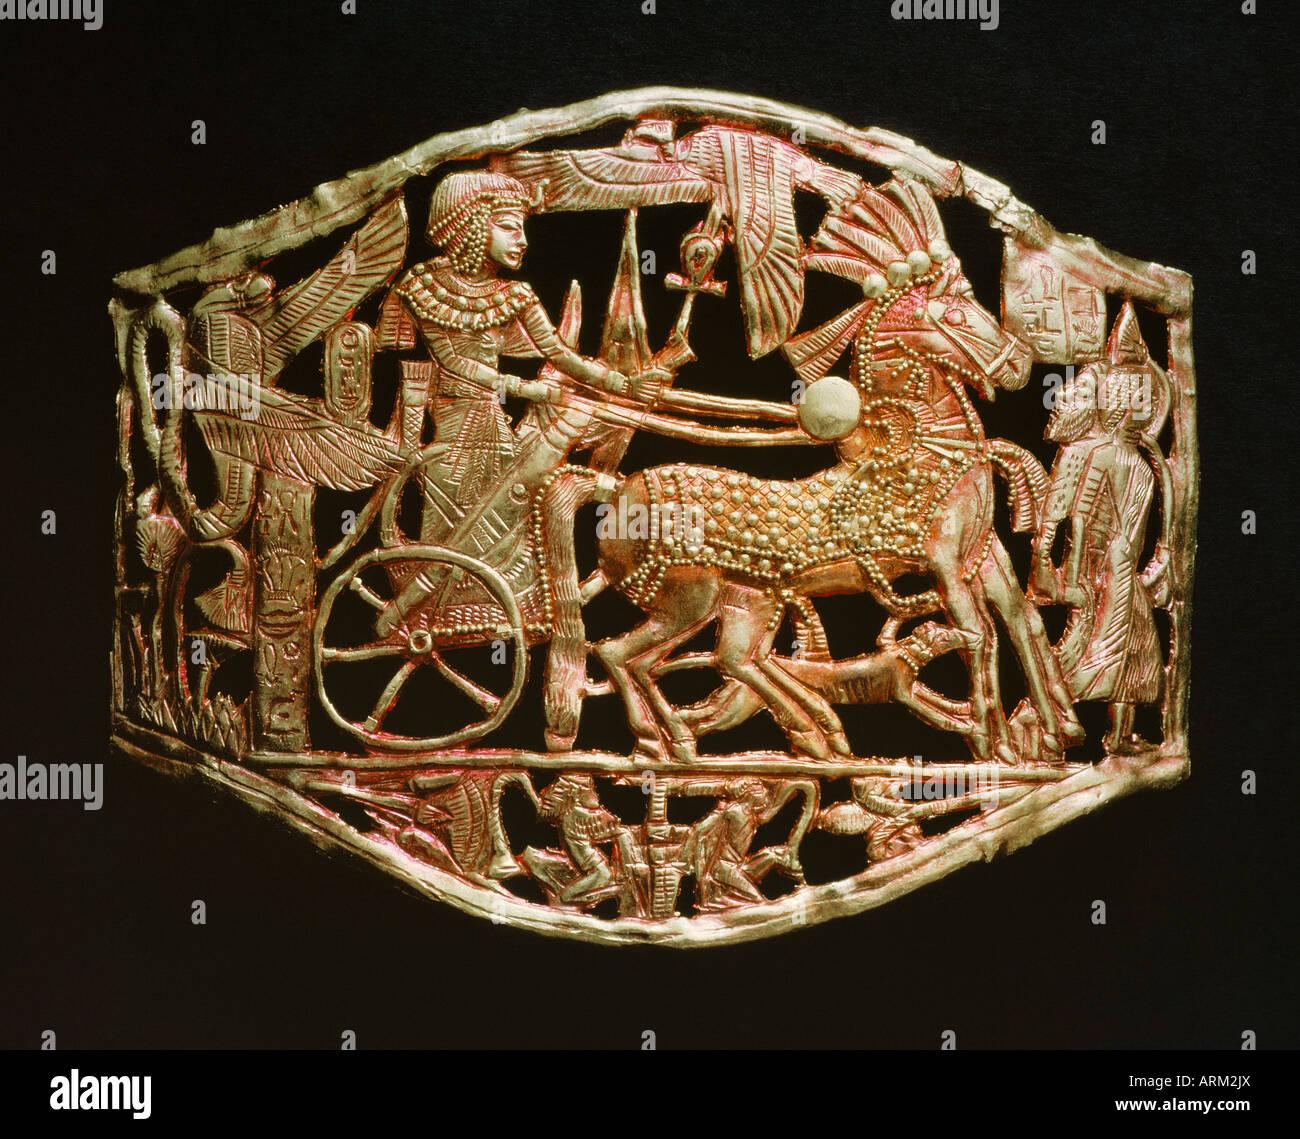 Rouge-or ajouré objet, à partir de la tombe du pharaon Toutânkhamon Photo Stock